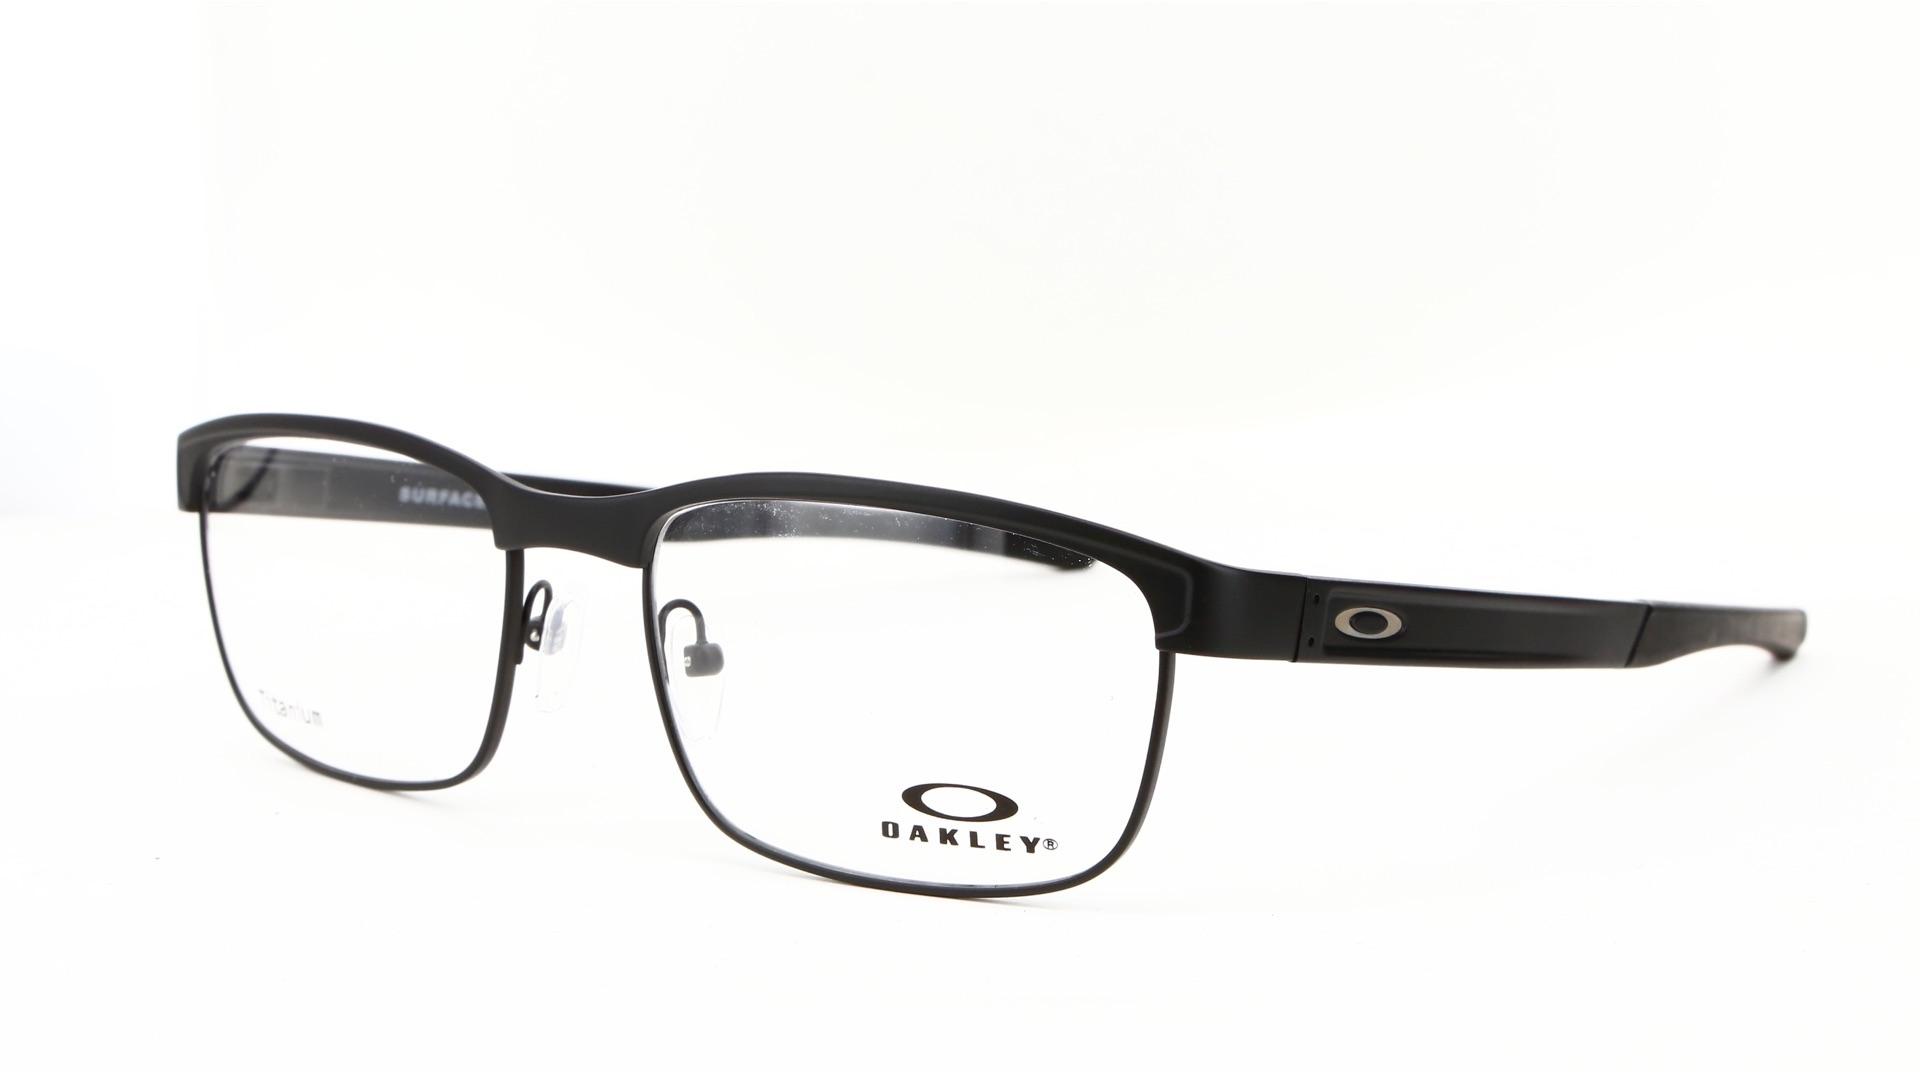 Oakley - ref: 80734